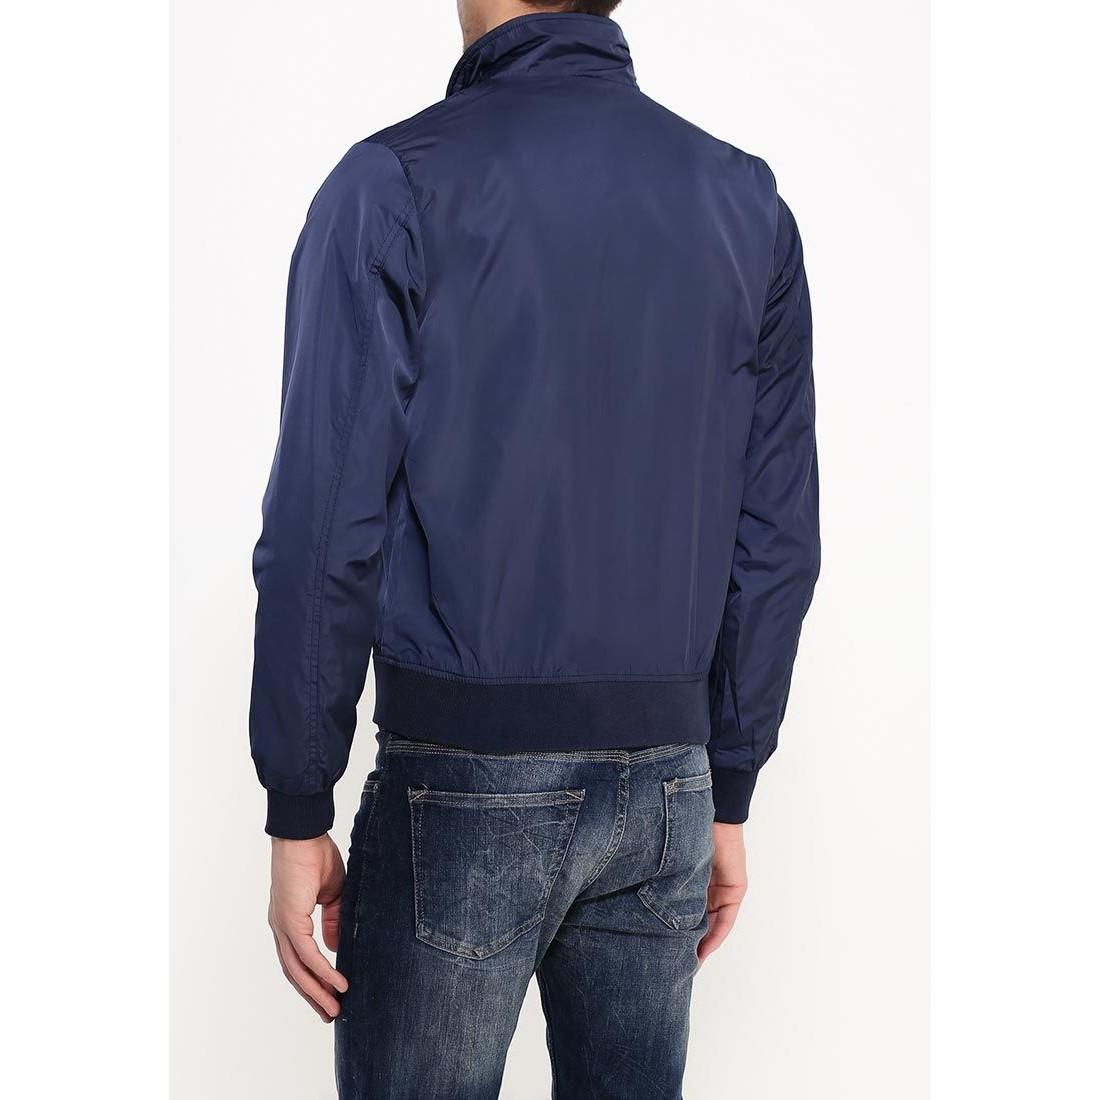 Купить Куртки Недорого Распродажа Интернет Магазин